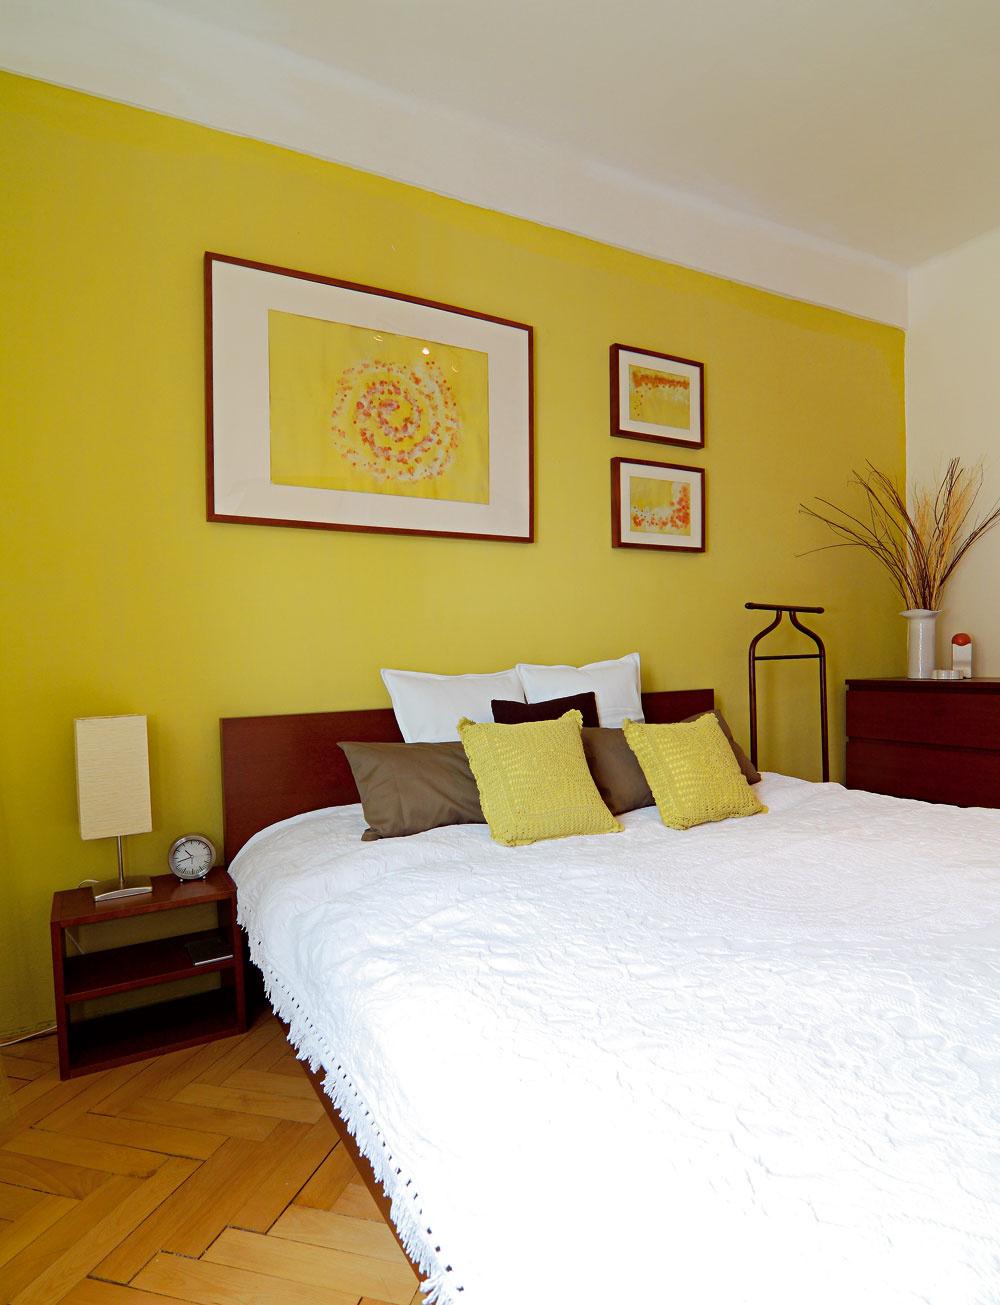 """""""Spaniareň"""" na mieru  Drevené parkety prešli kozmetickou úpravou anočný stolík bol vytvorený zo zvyškového dreva. Sfarebnou stenou vjednom rytme tancujú ručne vyrobené doplnky aobrázky – zfarby na stenu, ktorá zostala."""